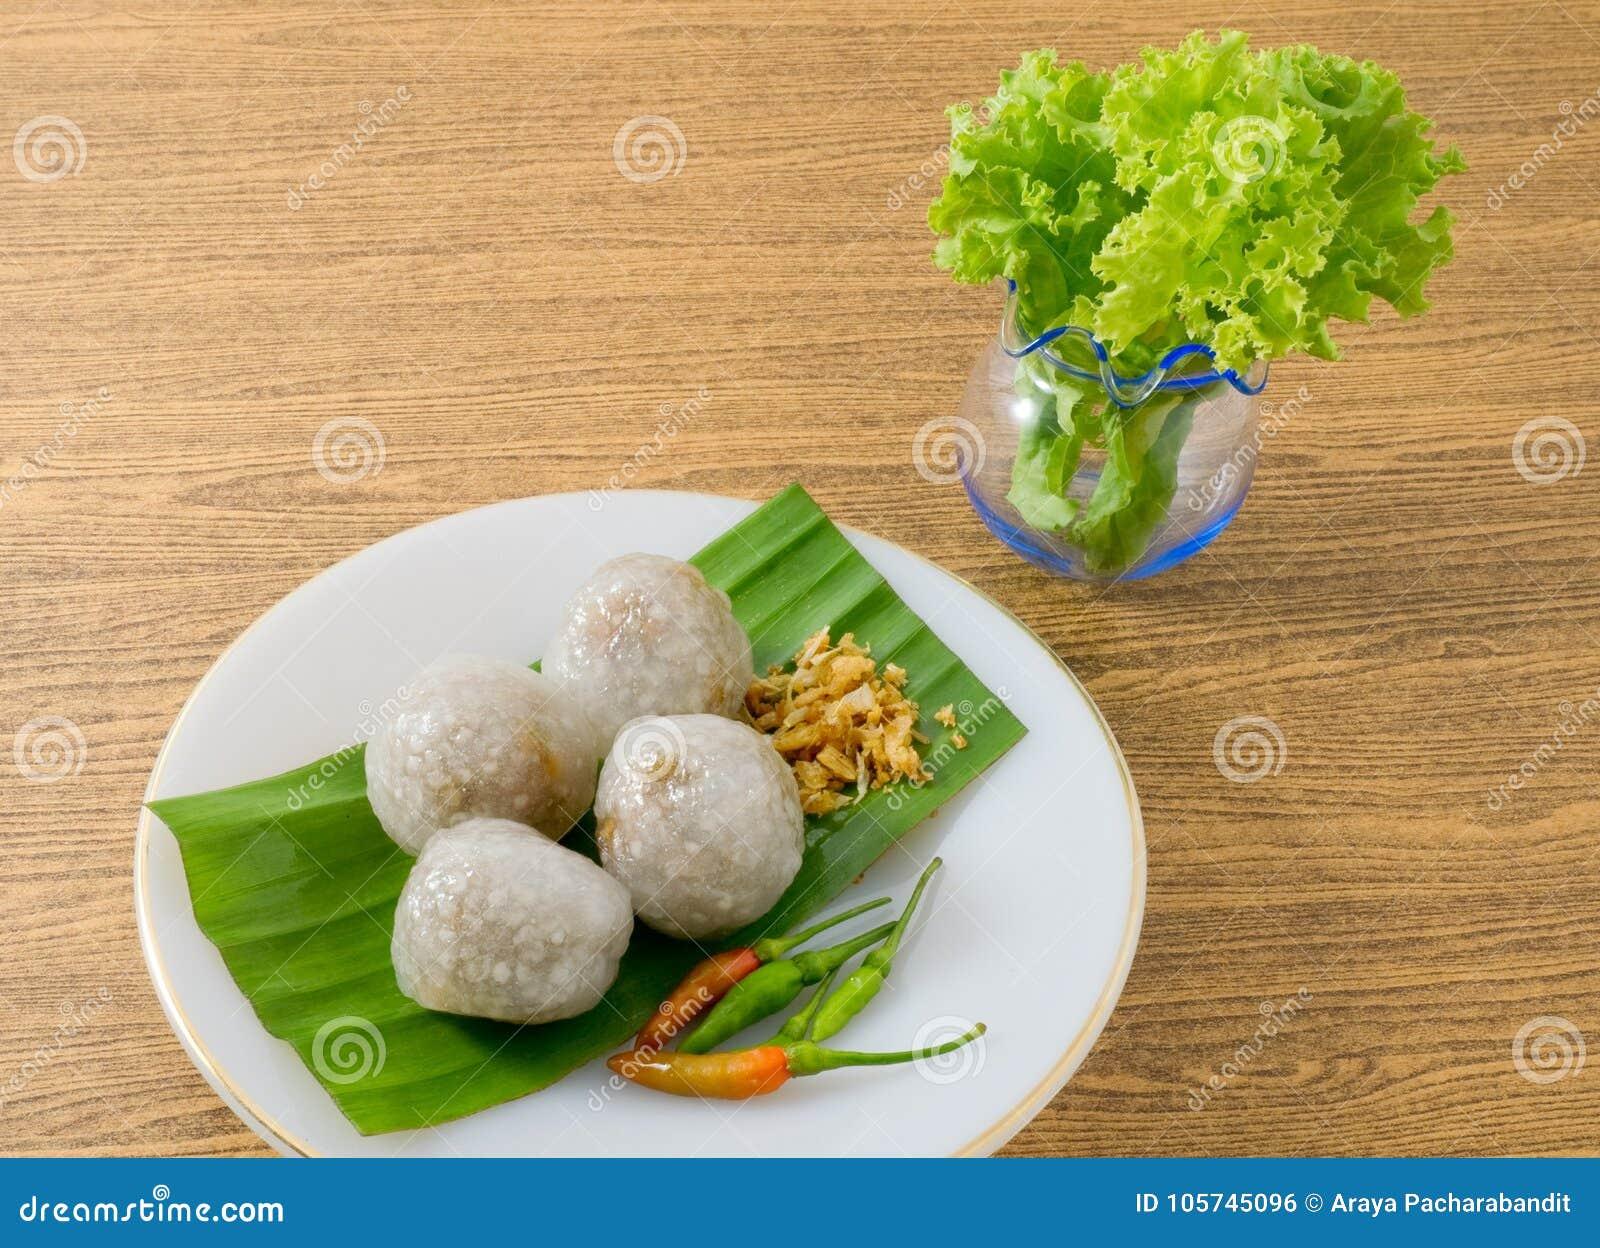 Bolas tailandesas das tapiocas servidas com folhas da alface